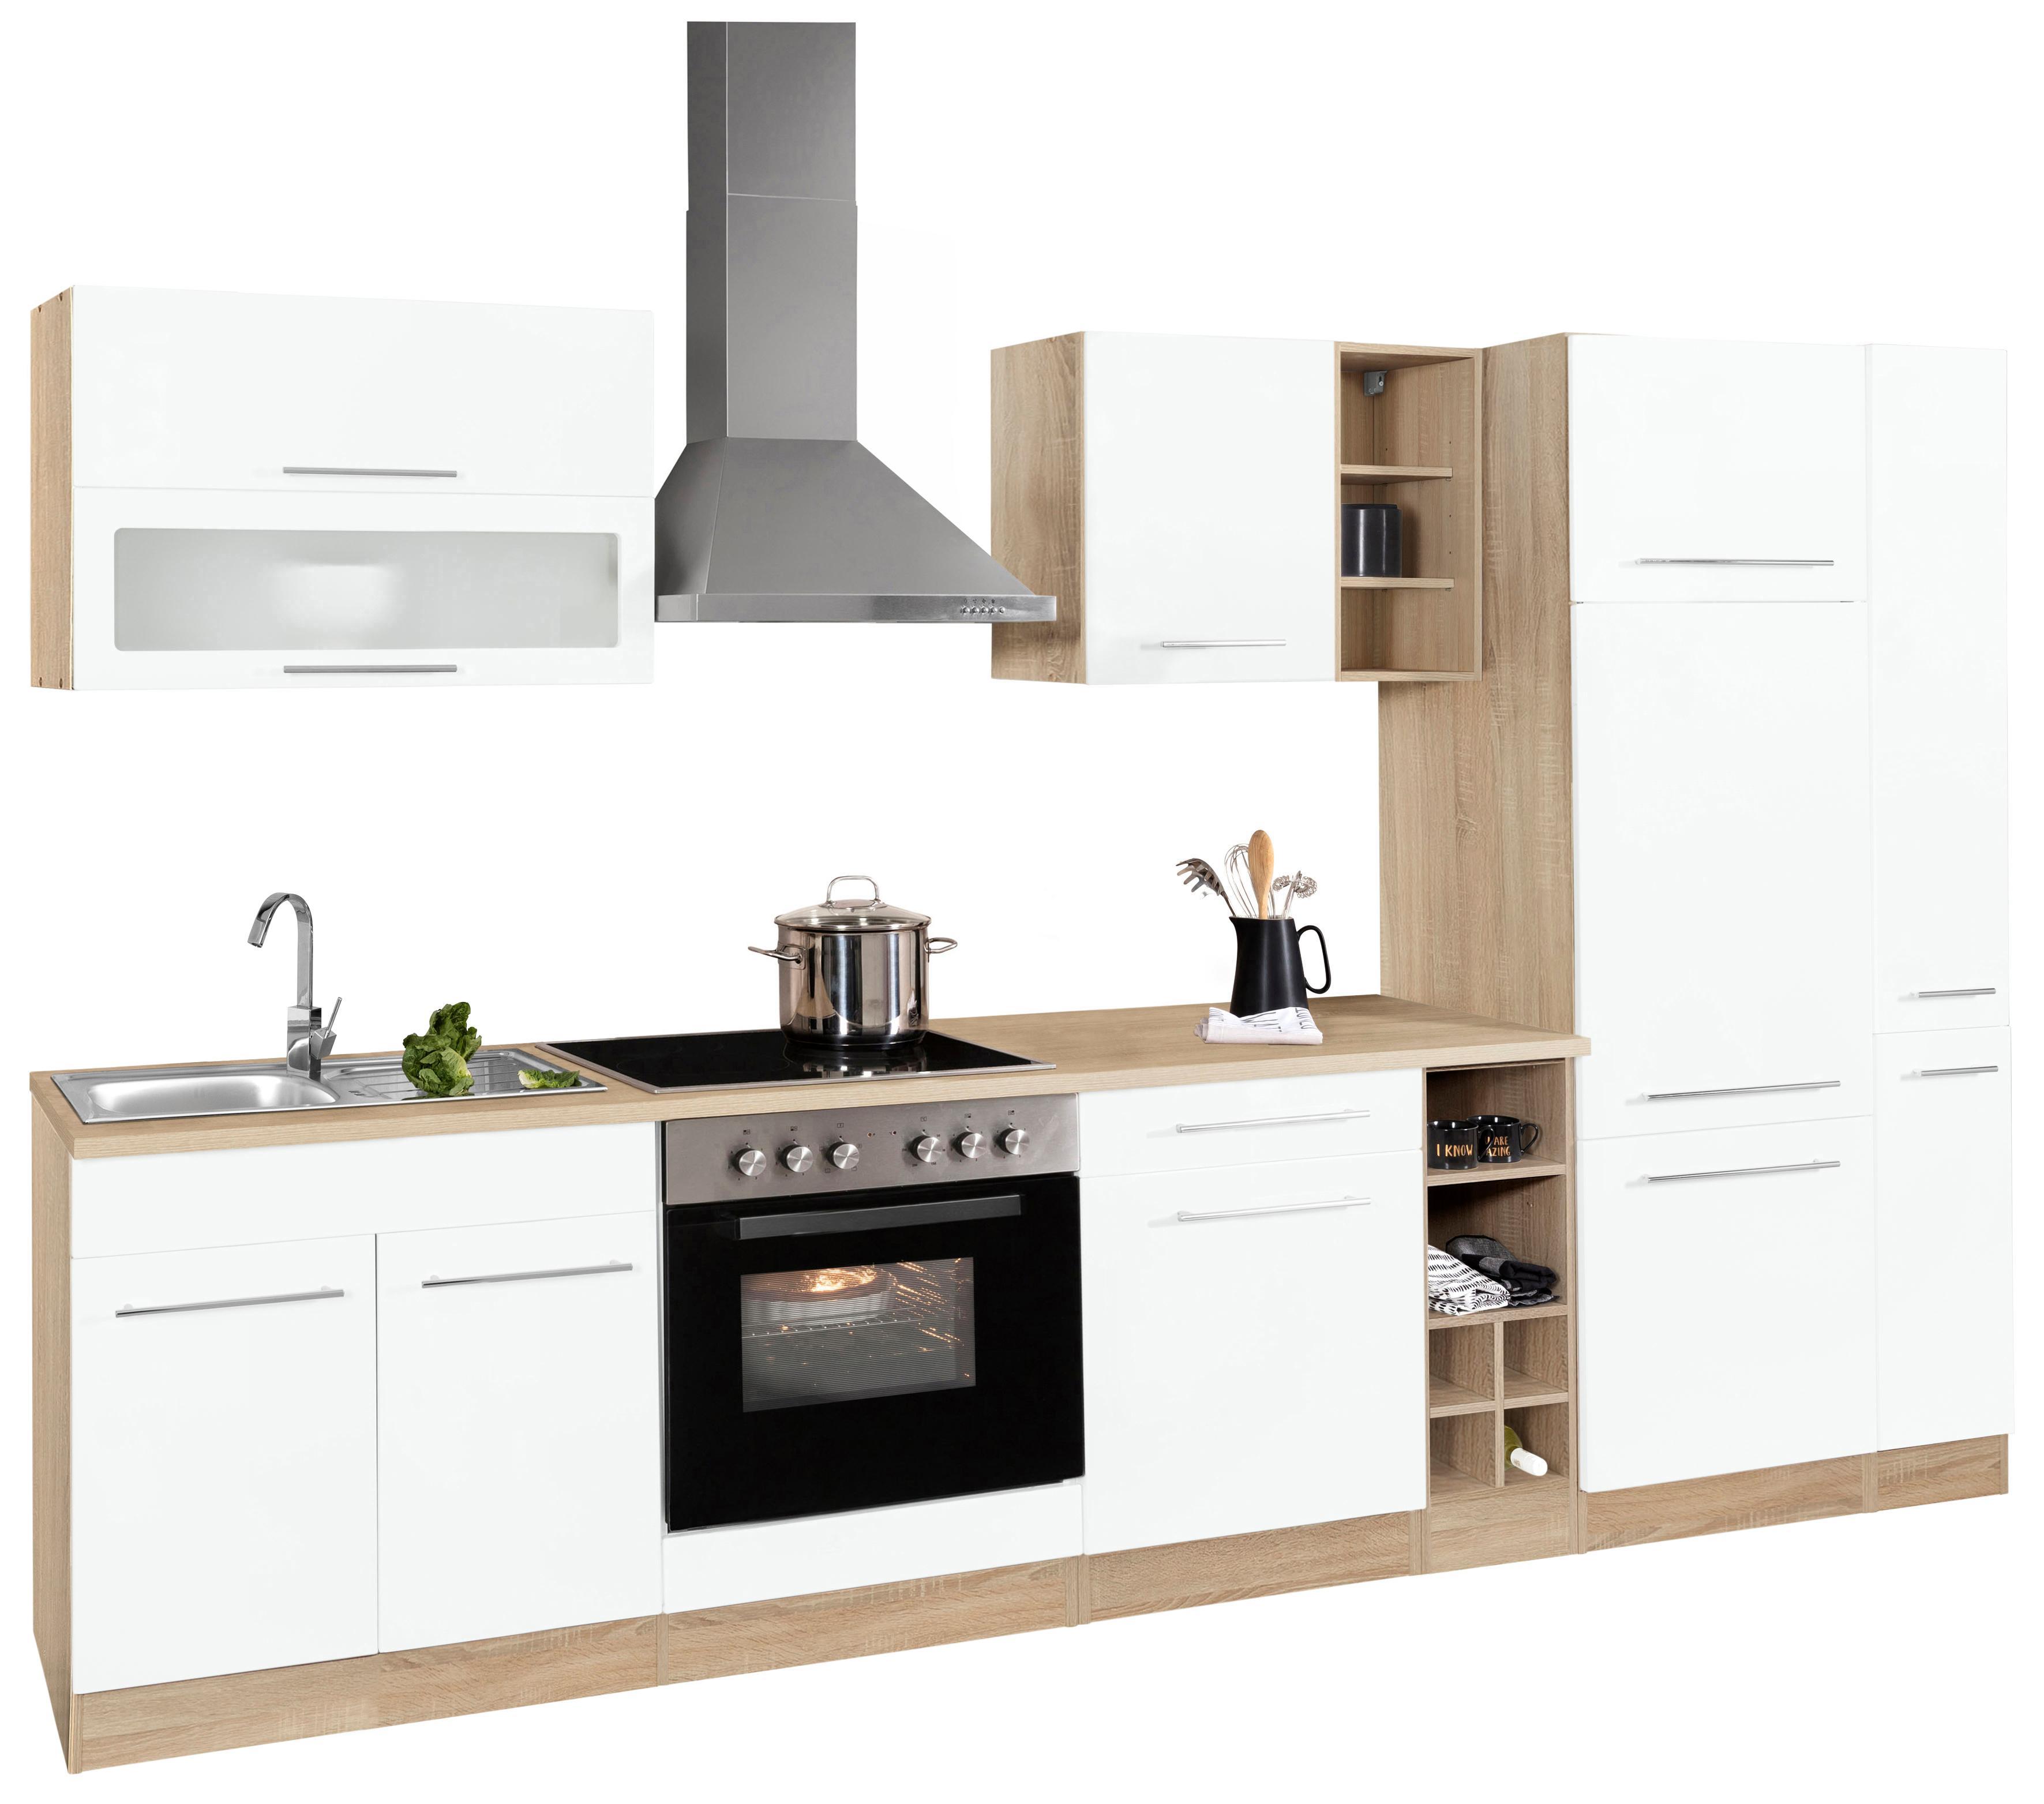 HELD MÖBEL Küchenzeile Eton | Küche und Esszimmer > Küchen > Küchenzeilen | Weiß | Metall | Held Möbel